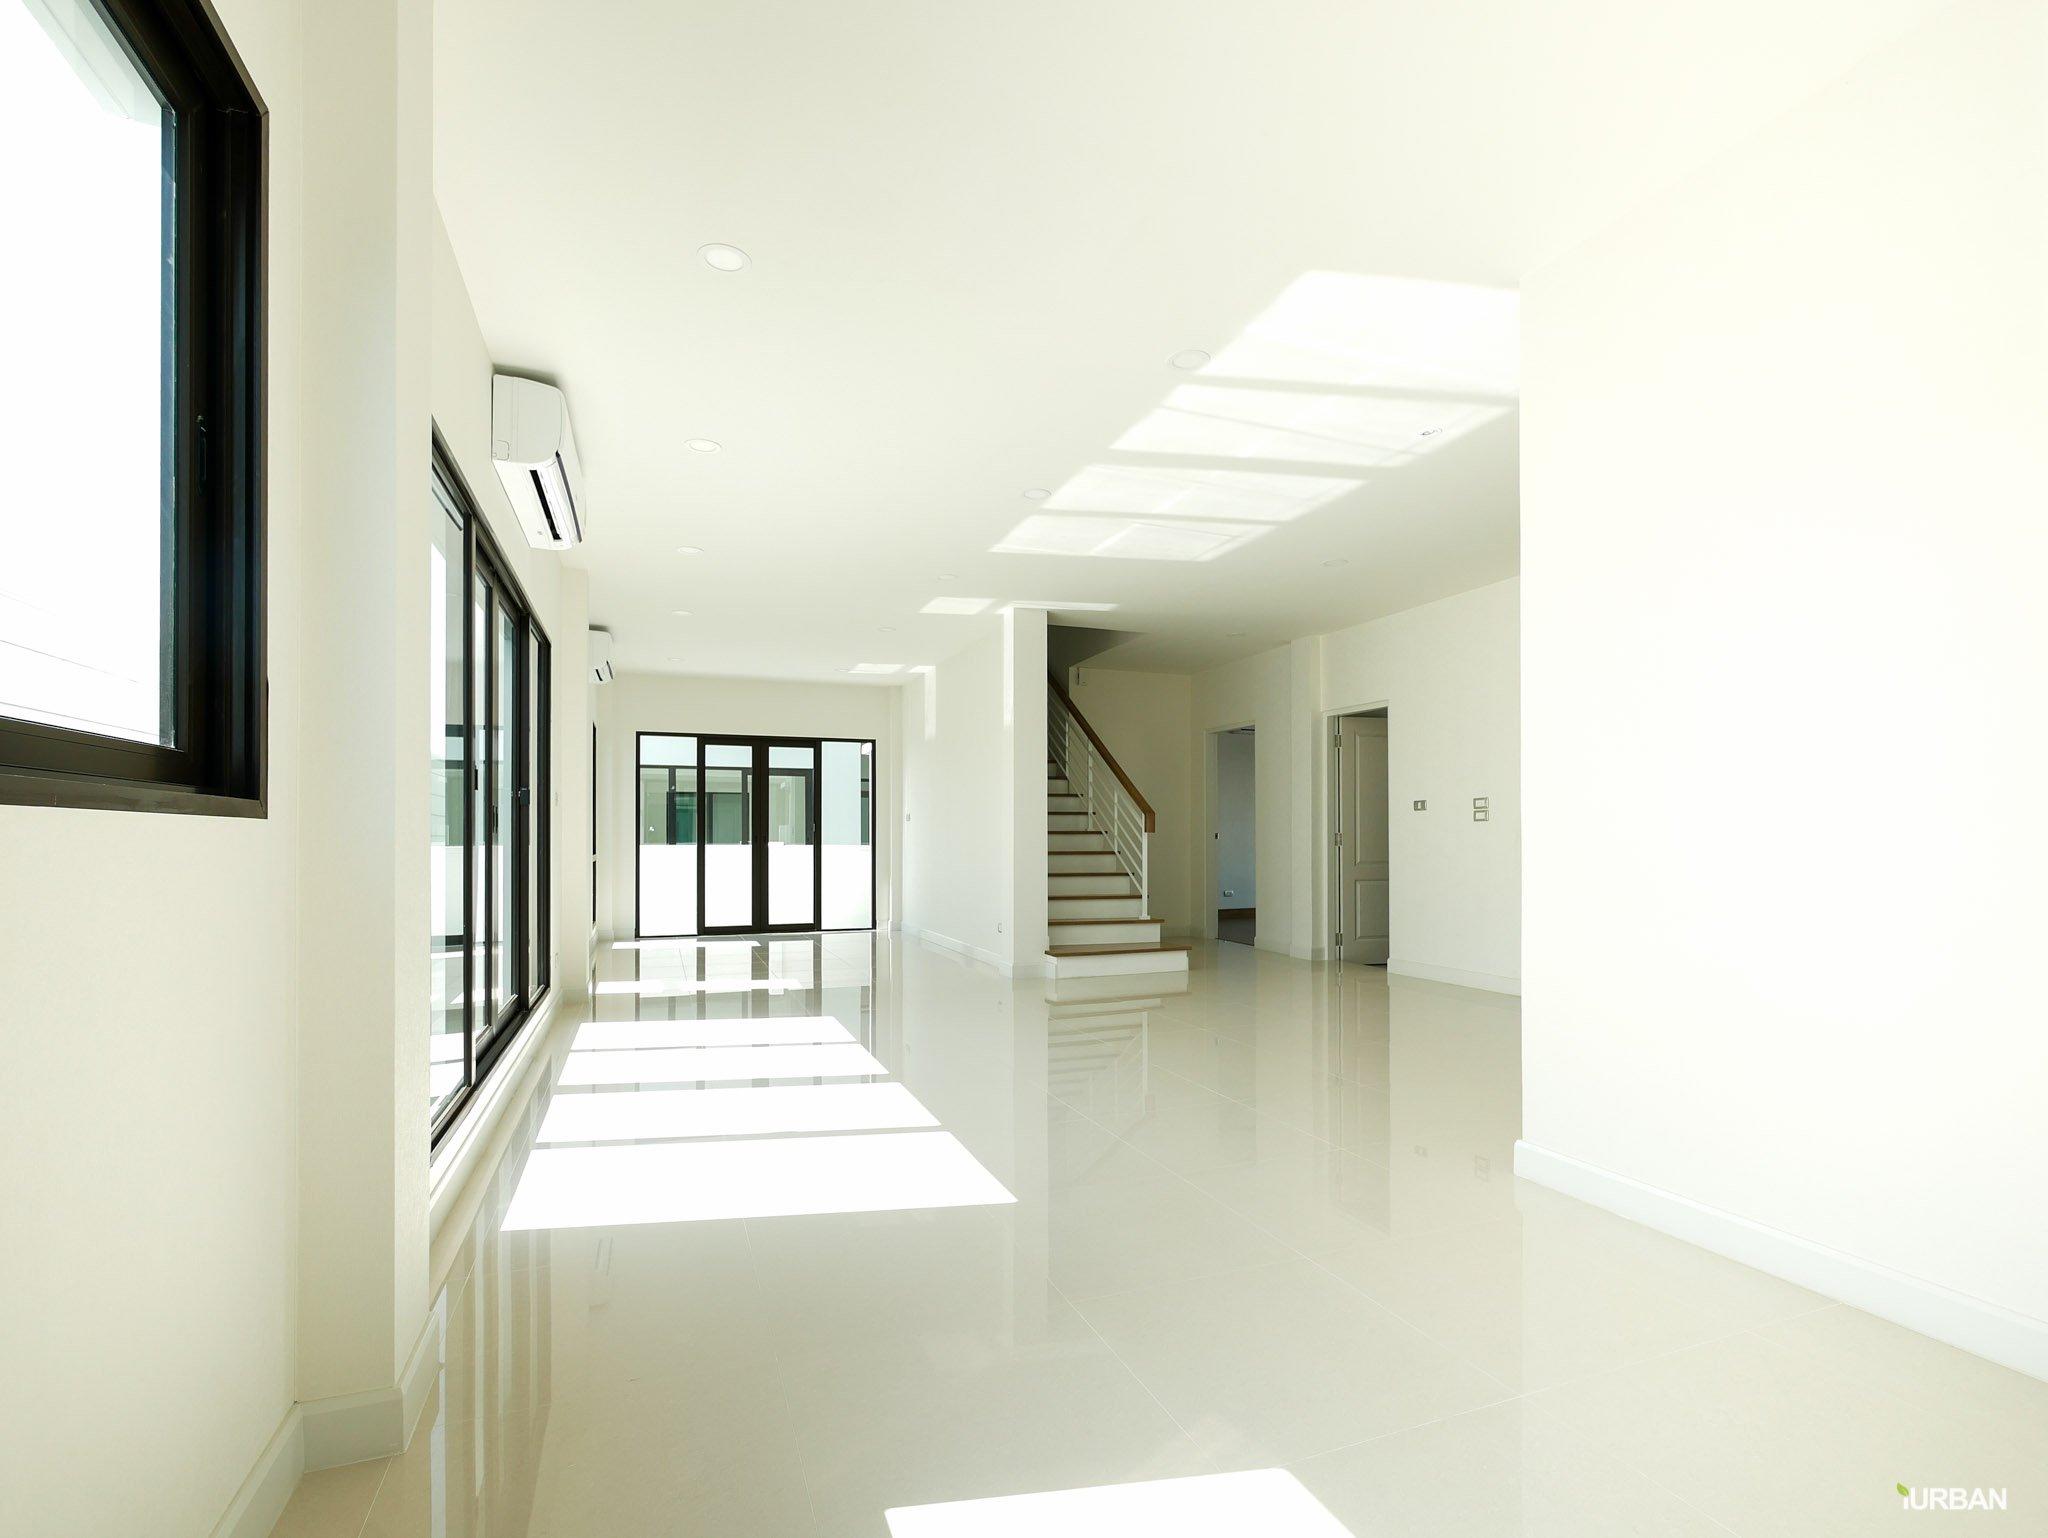 รีวิว CENTRO รามอินทรา-จตุโชติ บ้านเดี่ยวหลังใหญ่ 4 ห้องนอน บนวงแหวน ระดับคุณภาพจากเอพี 98 - AP (Thailand) - เอพี (ไทยแลนด์)